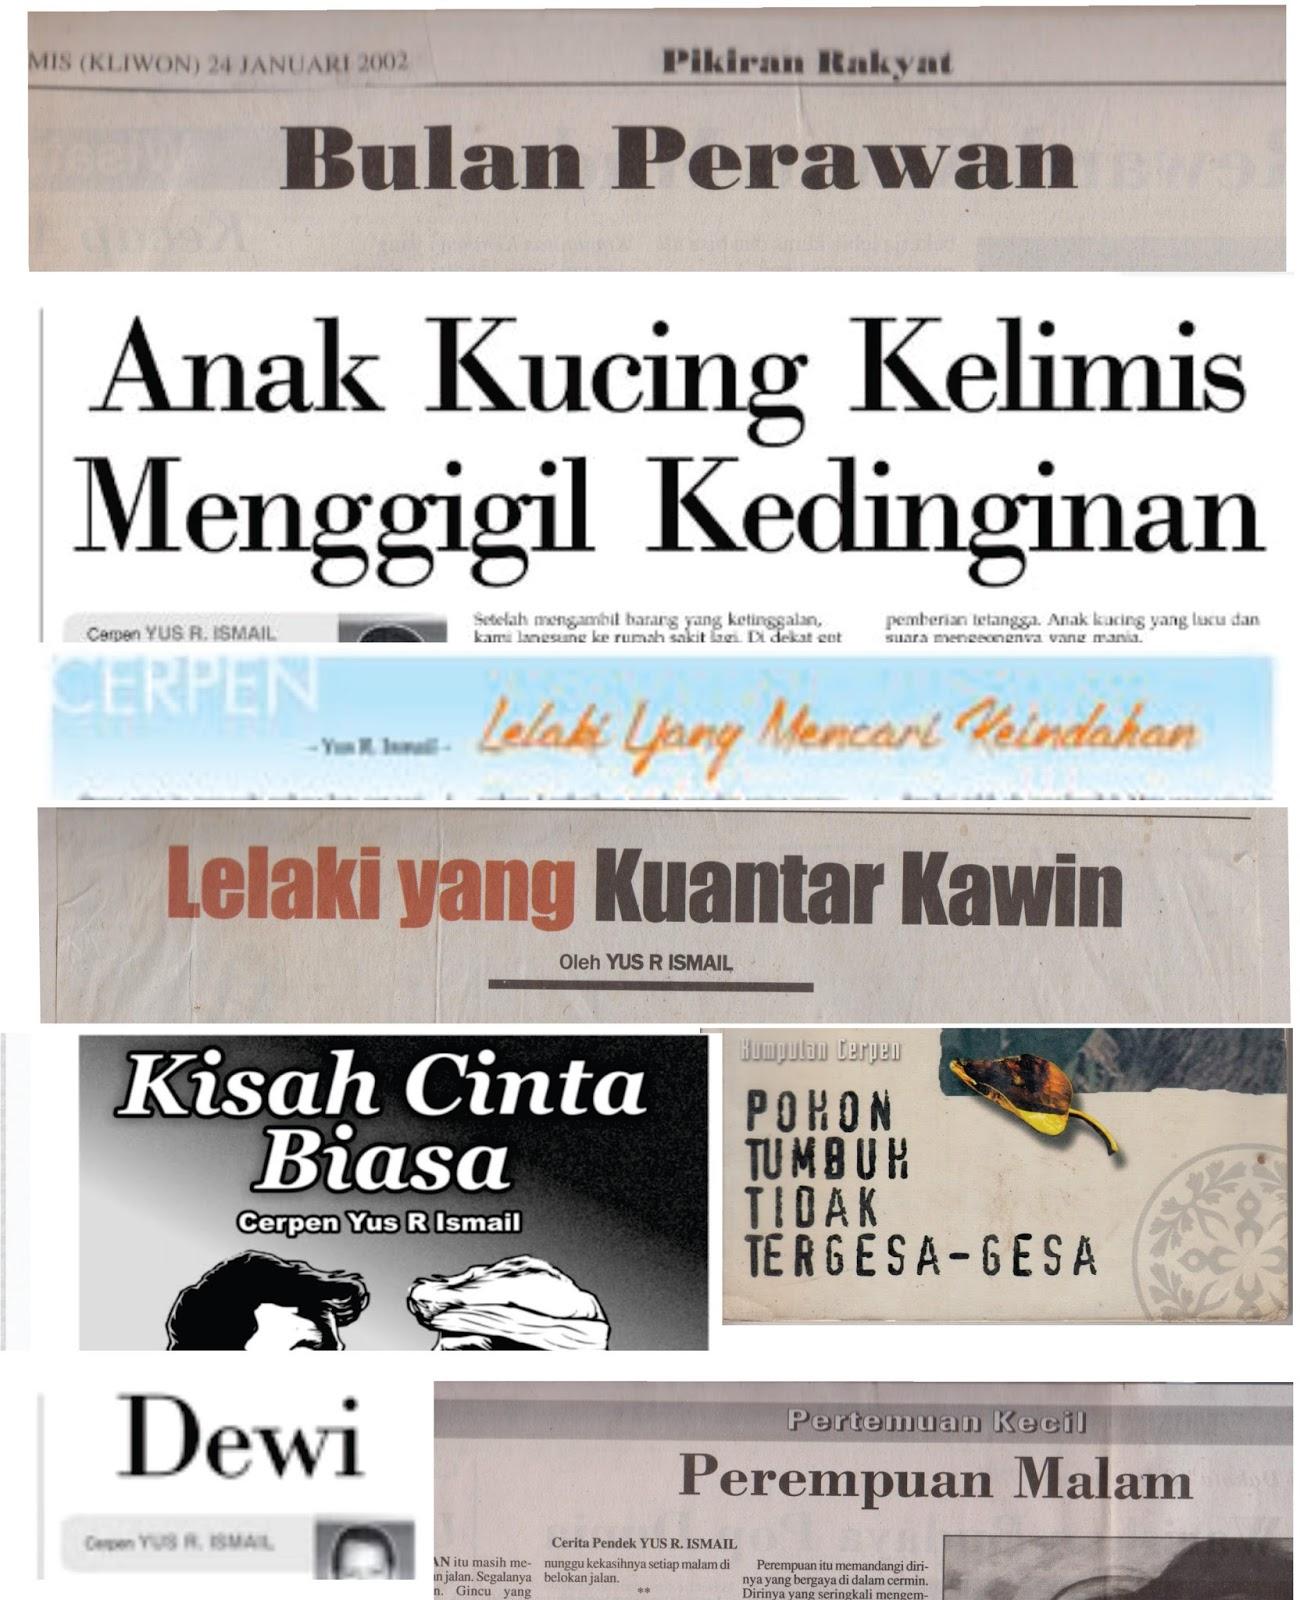 Cerpen Yus R Ismail